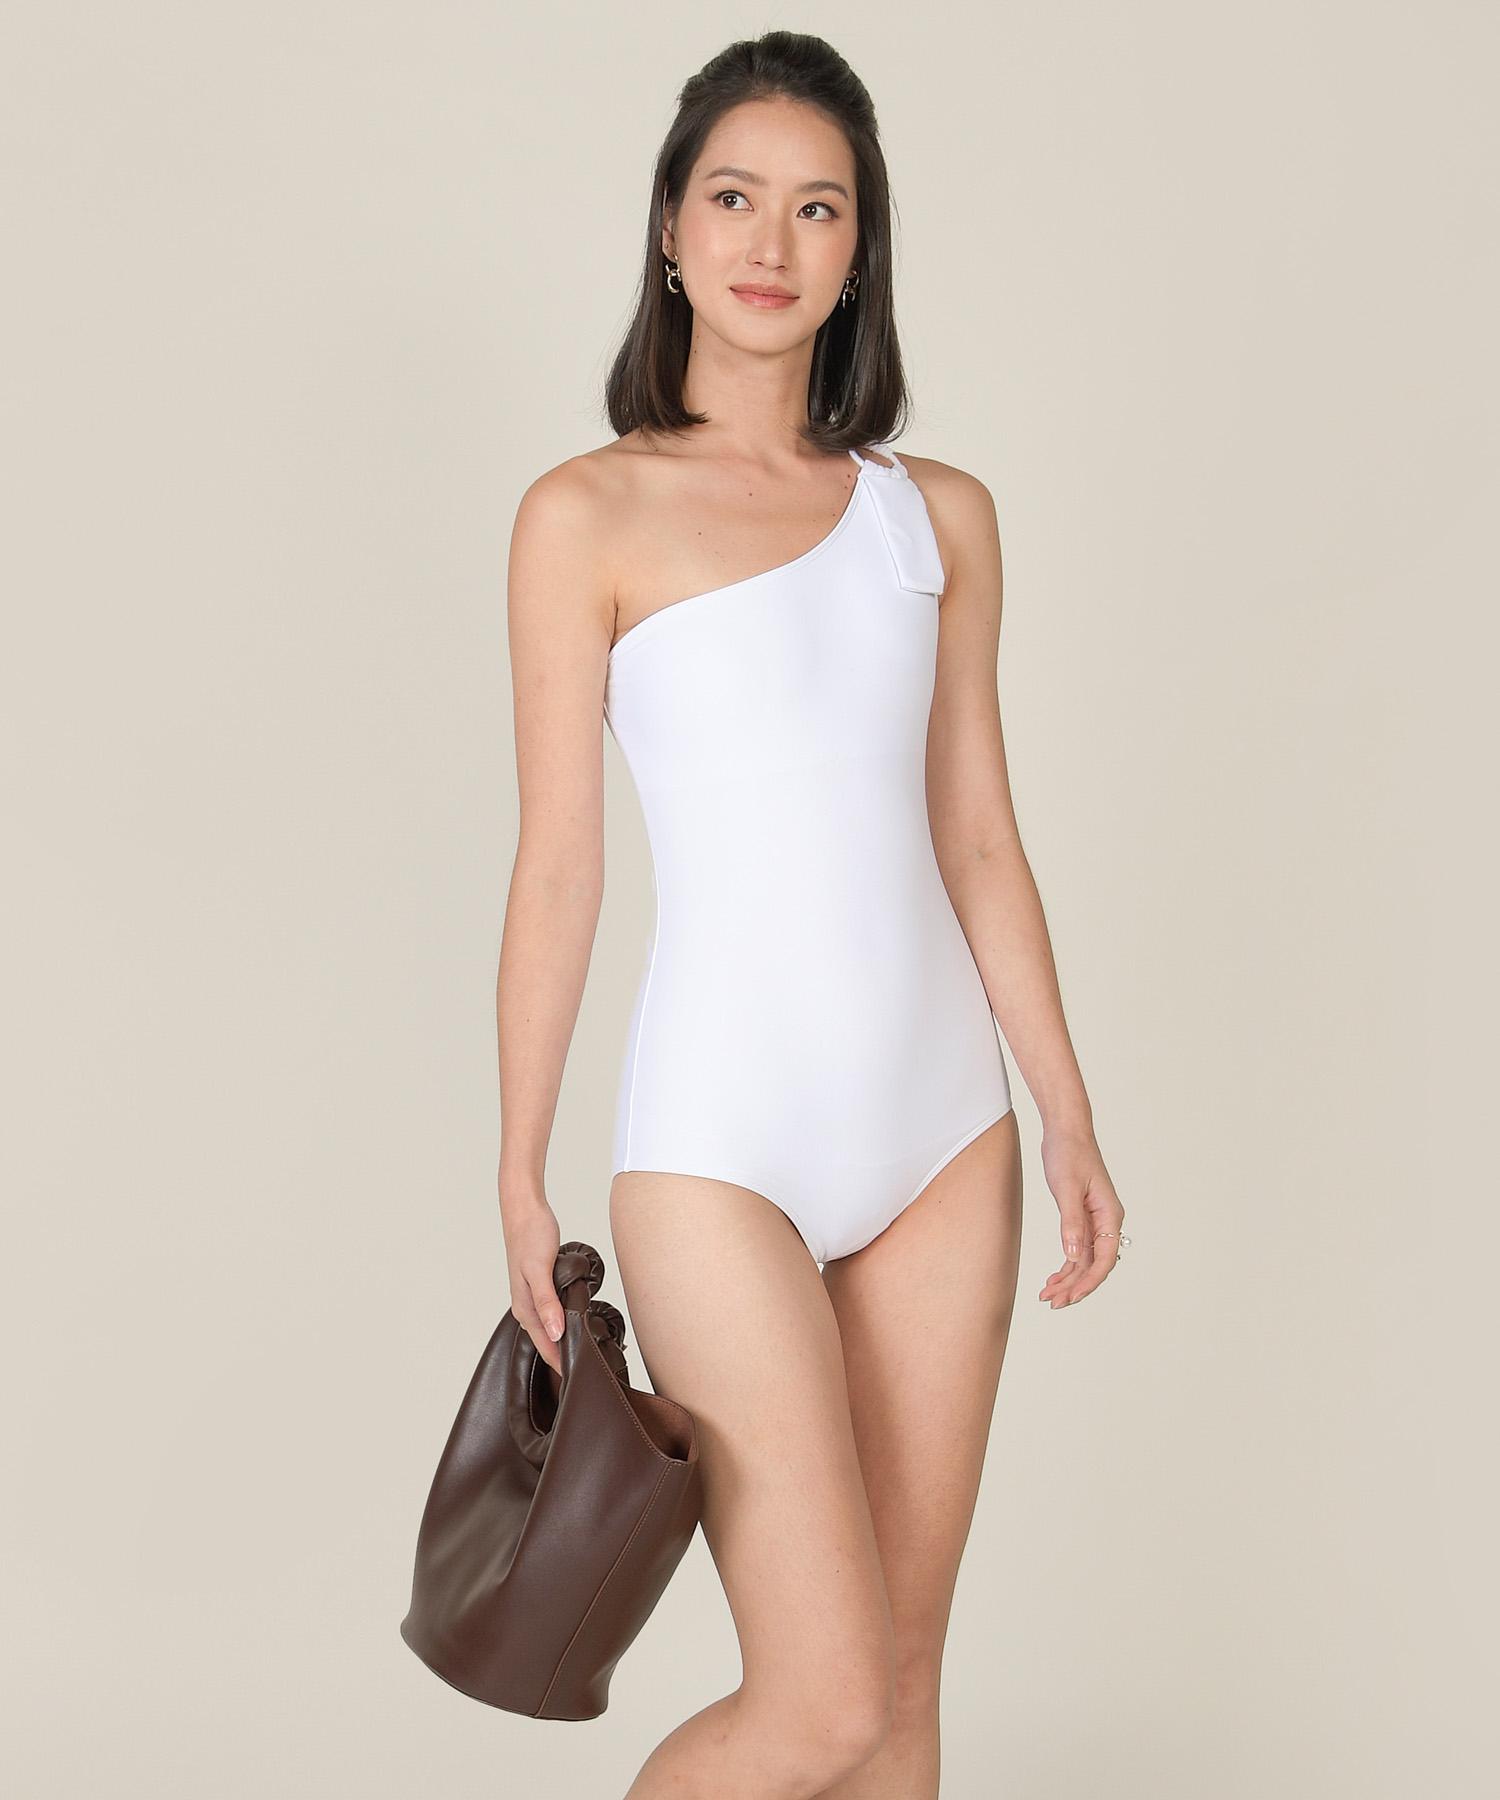 venicia-toga-swimsuit-white-1